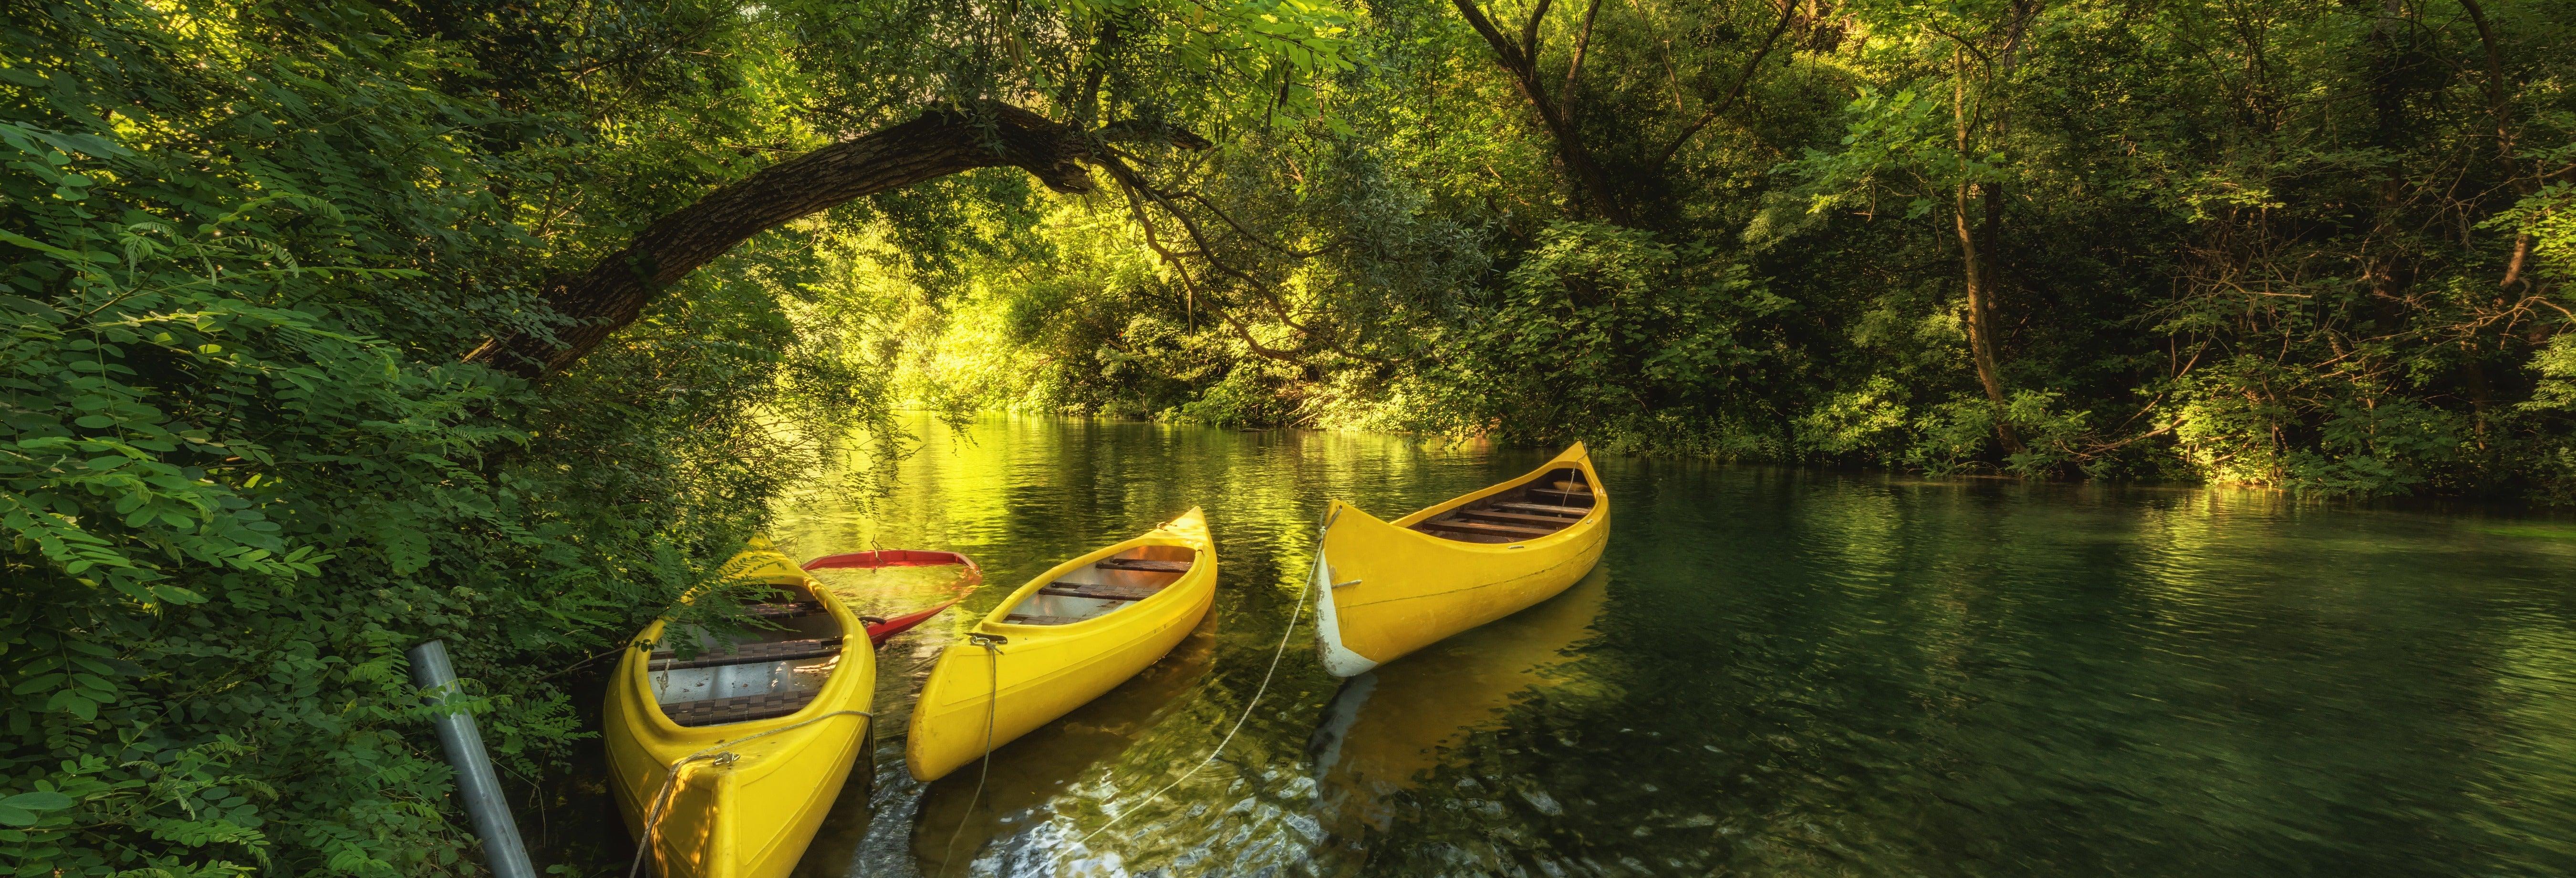 Tour de caiaque pelo rio Cetina